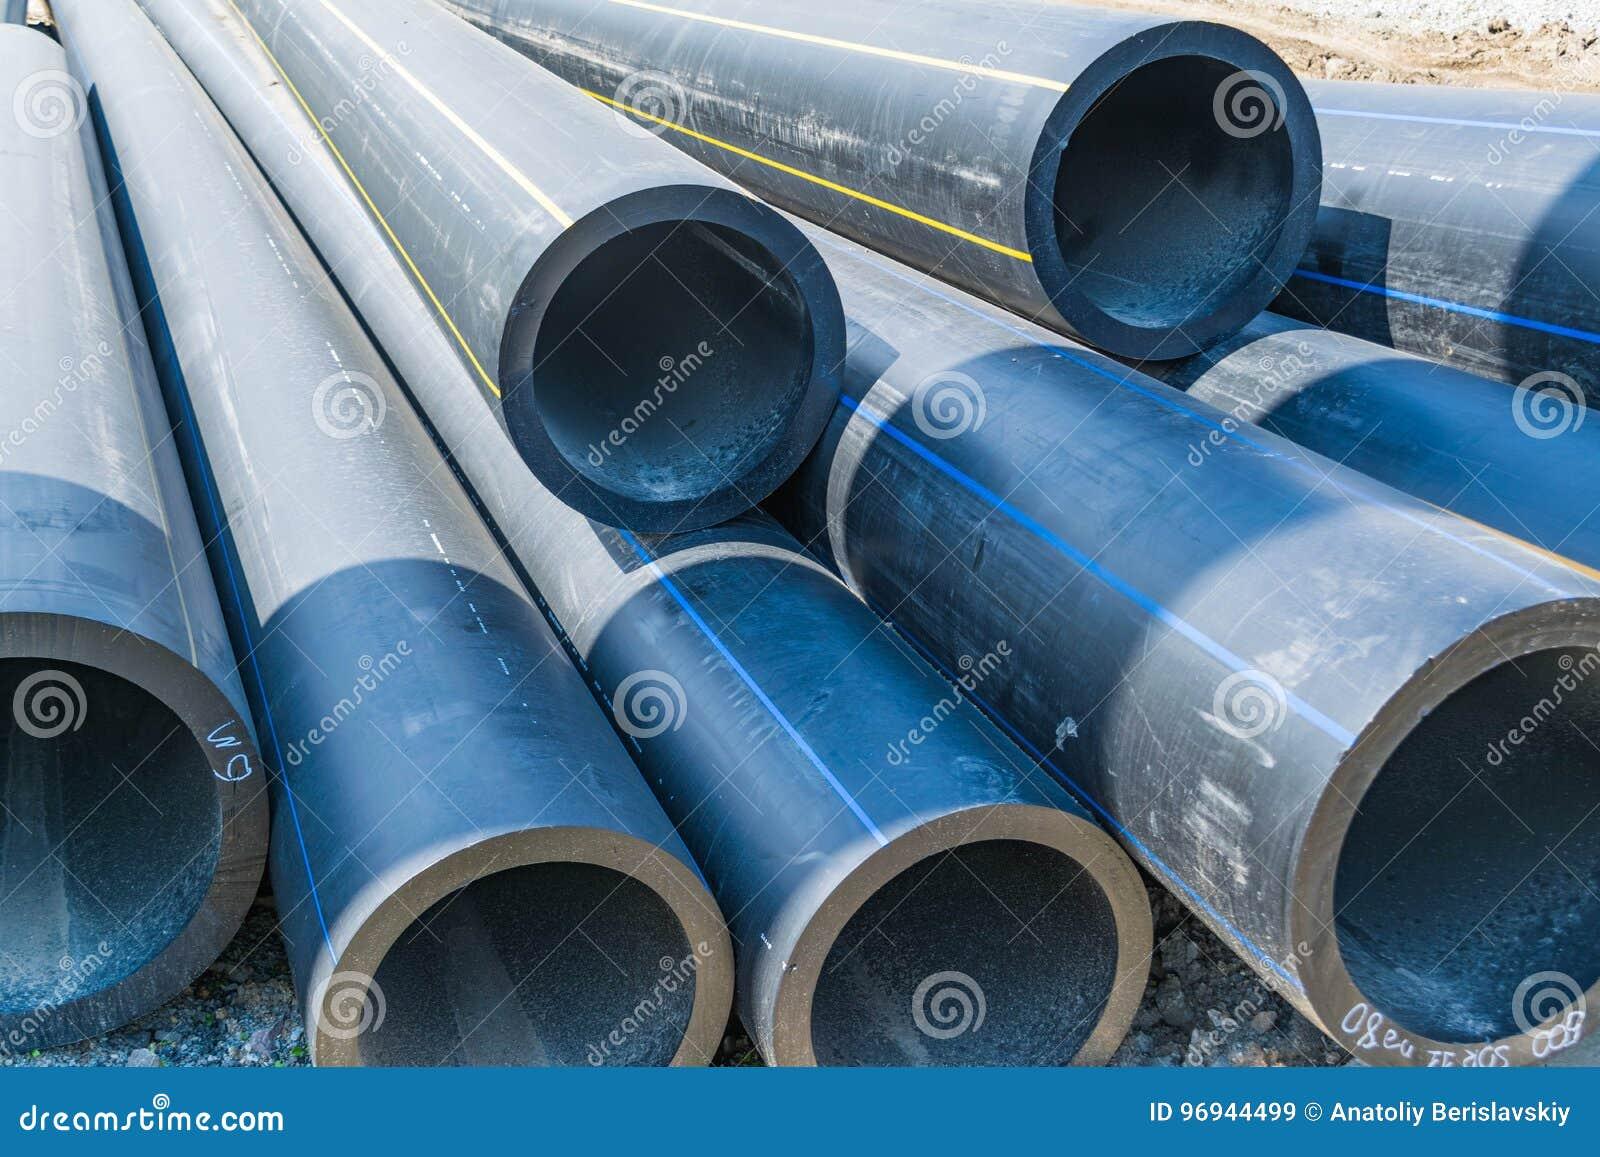 Dickwandige Wasserleitungen Von Grosser Durchmesser Pvc Stockbild